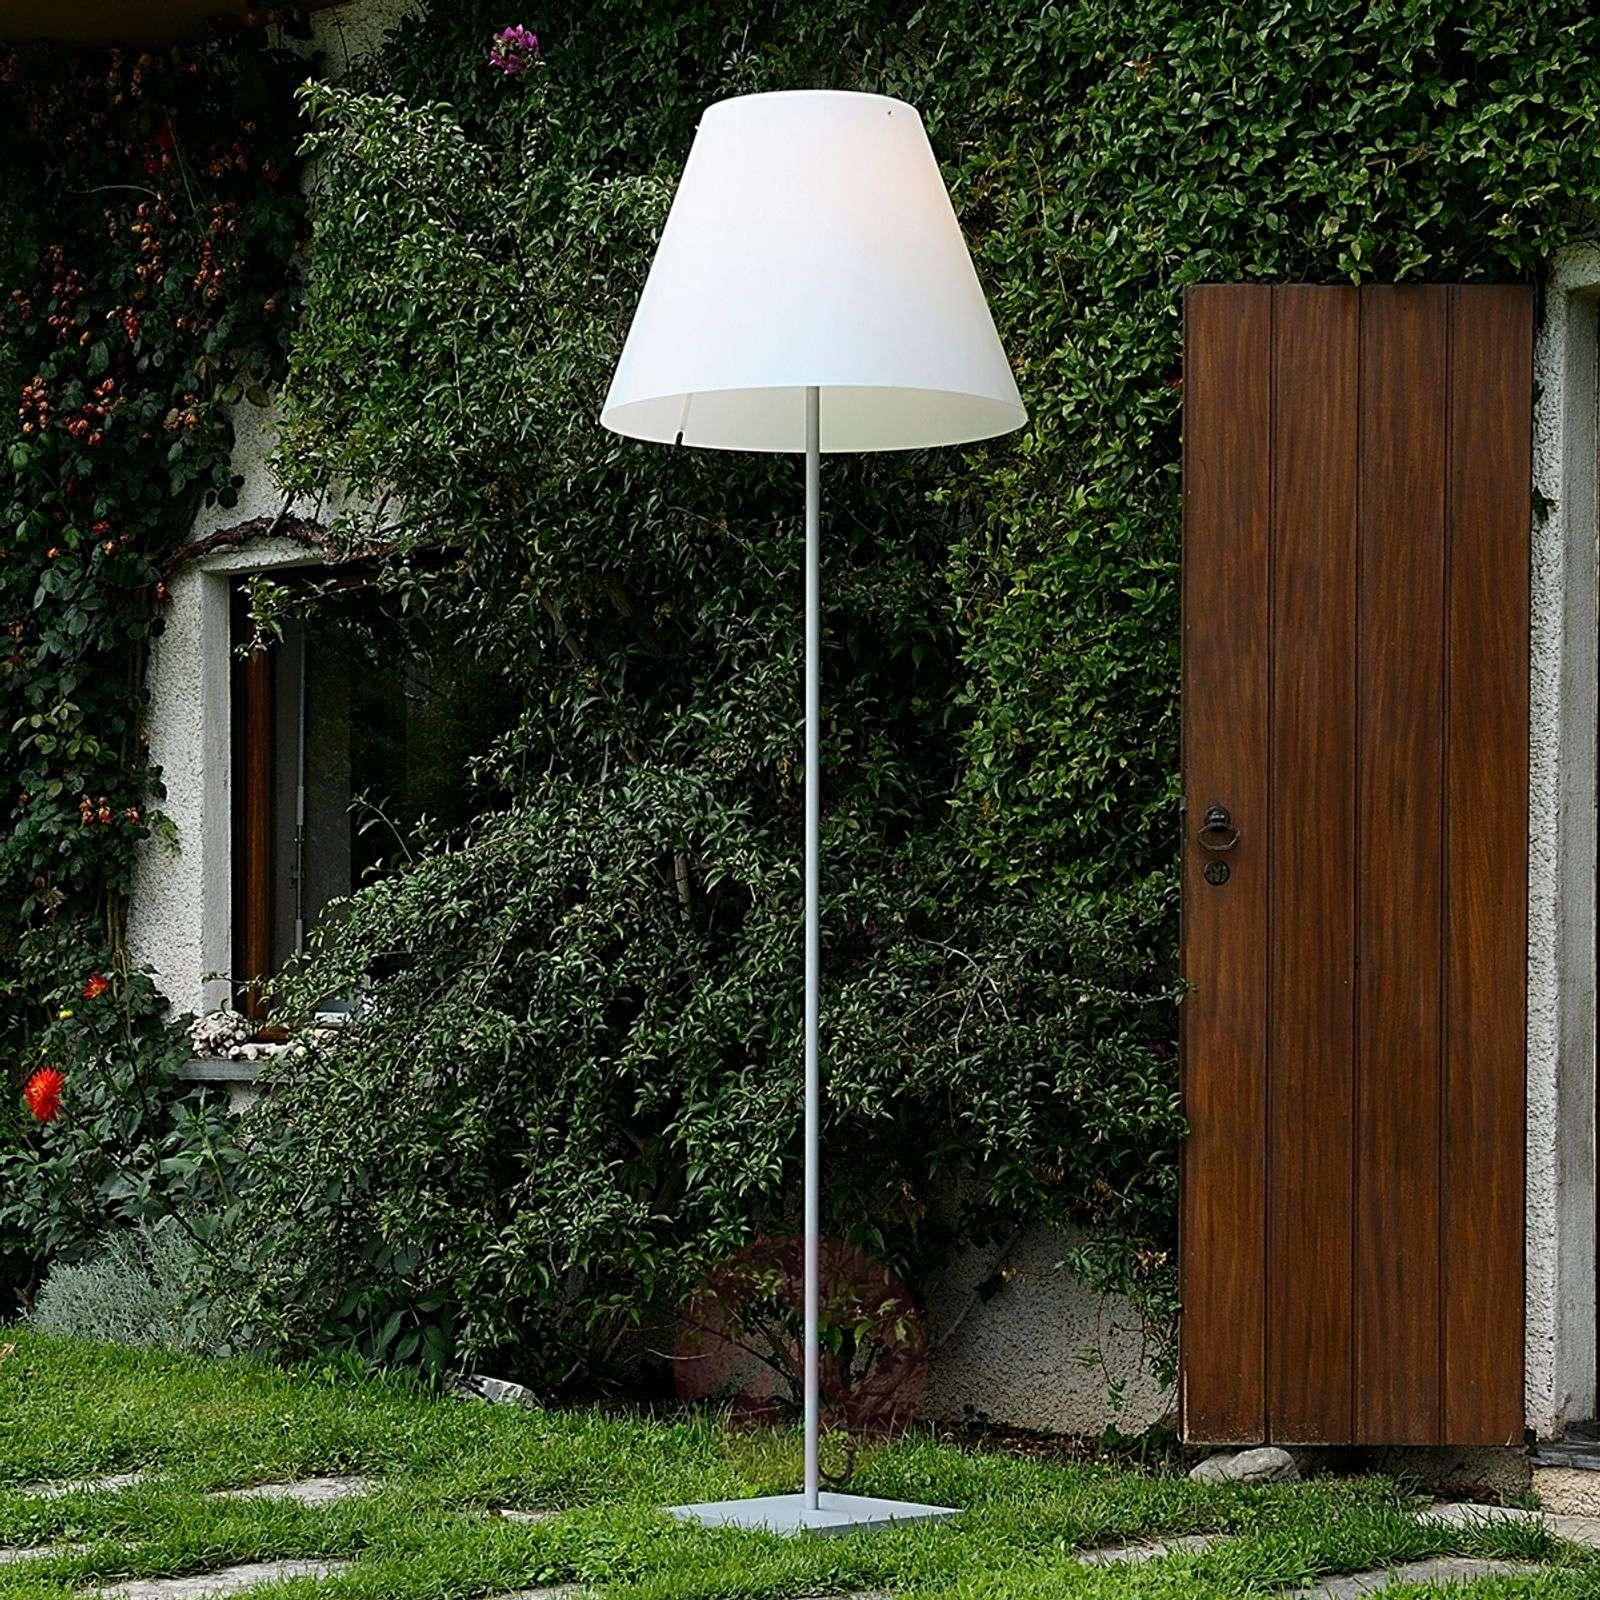 Lattiavalaisin Grande Costanza Open Air, kiinteä-6030175-01